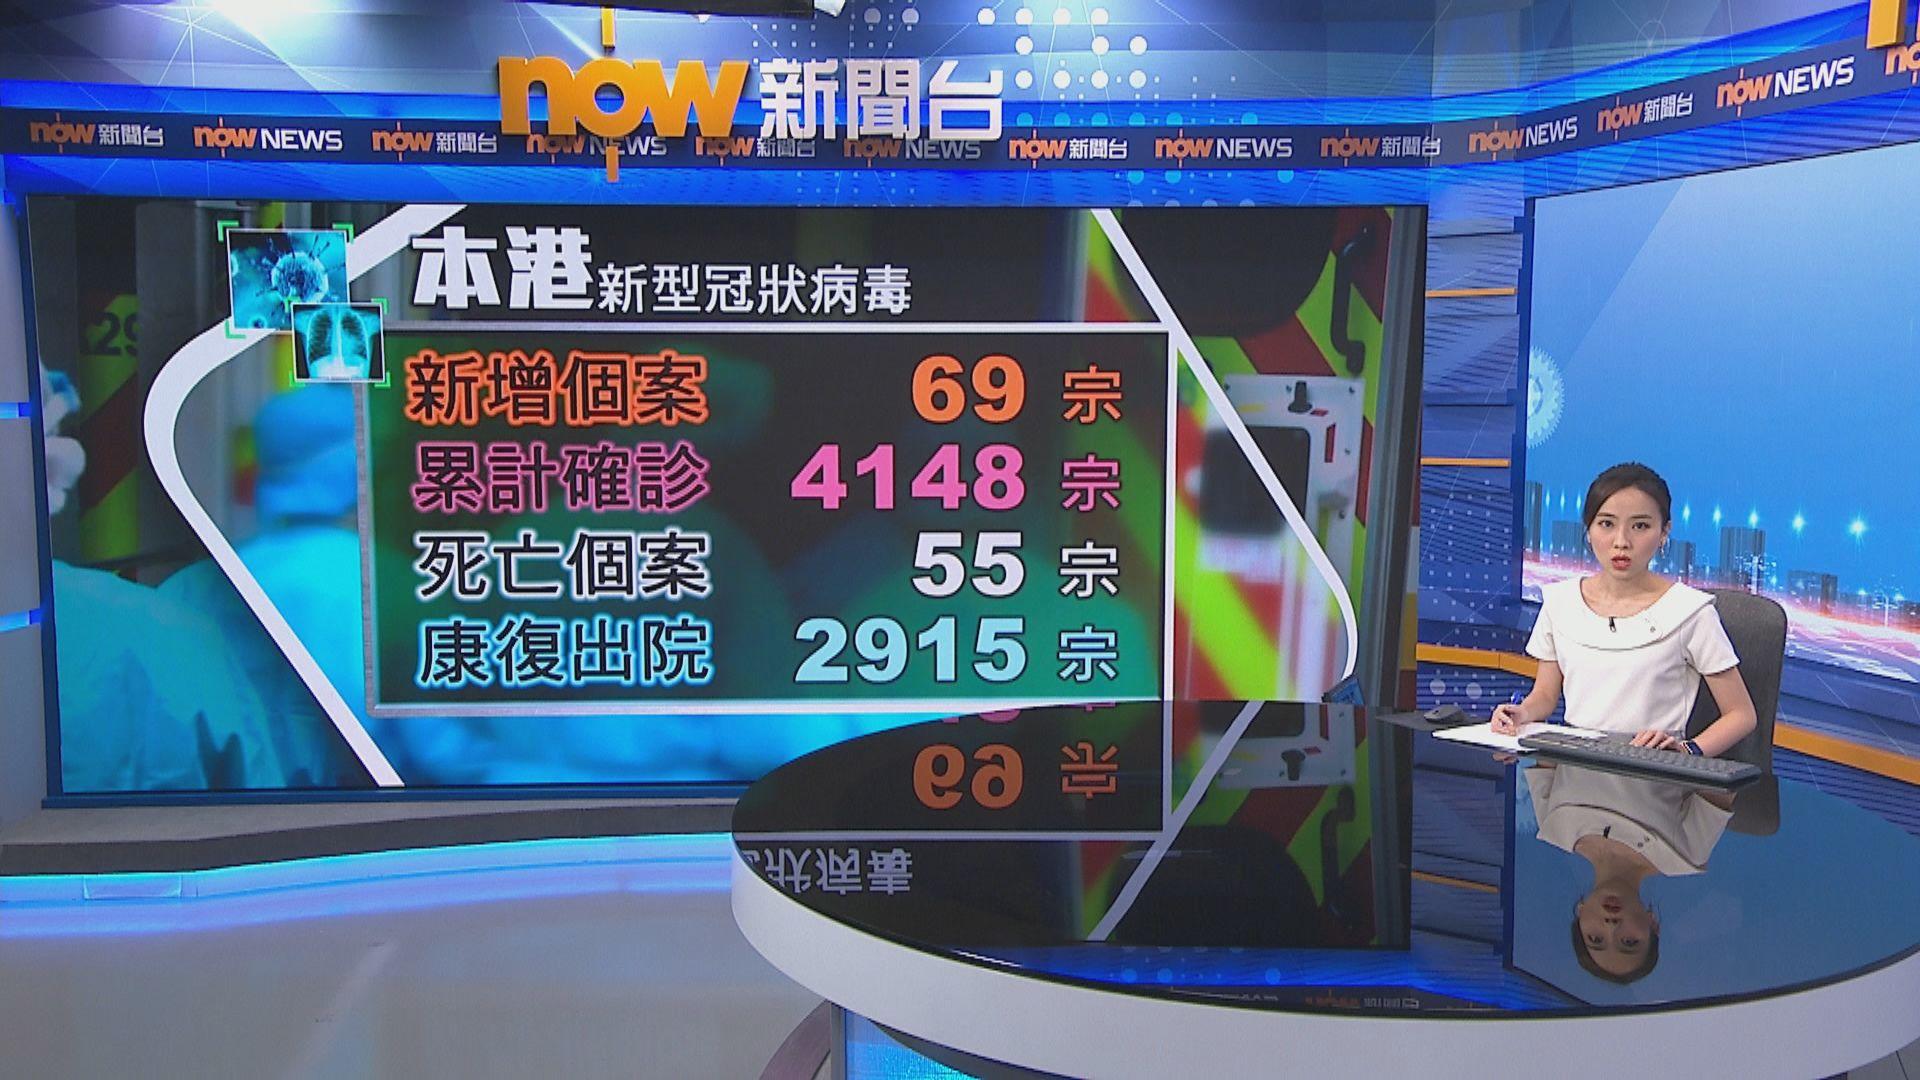 本港新增69宗確診 當中67宗屬本地感染